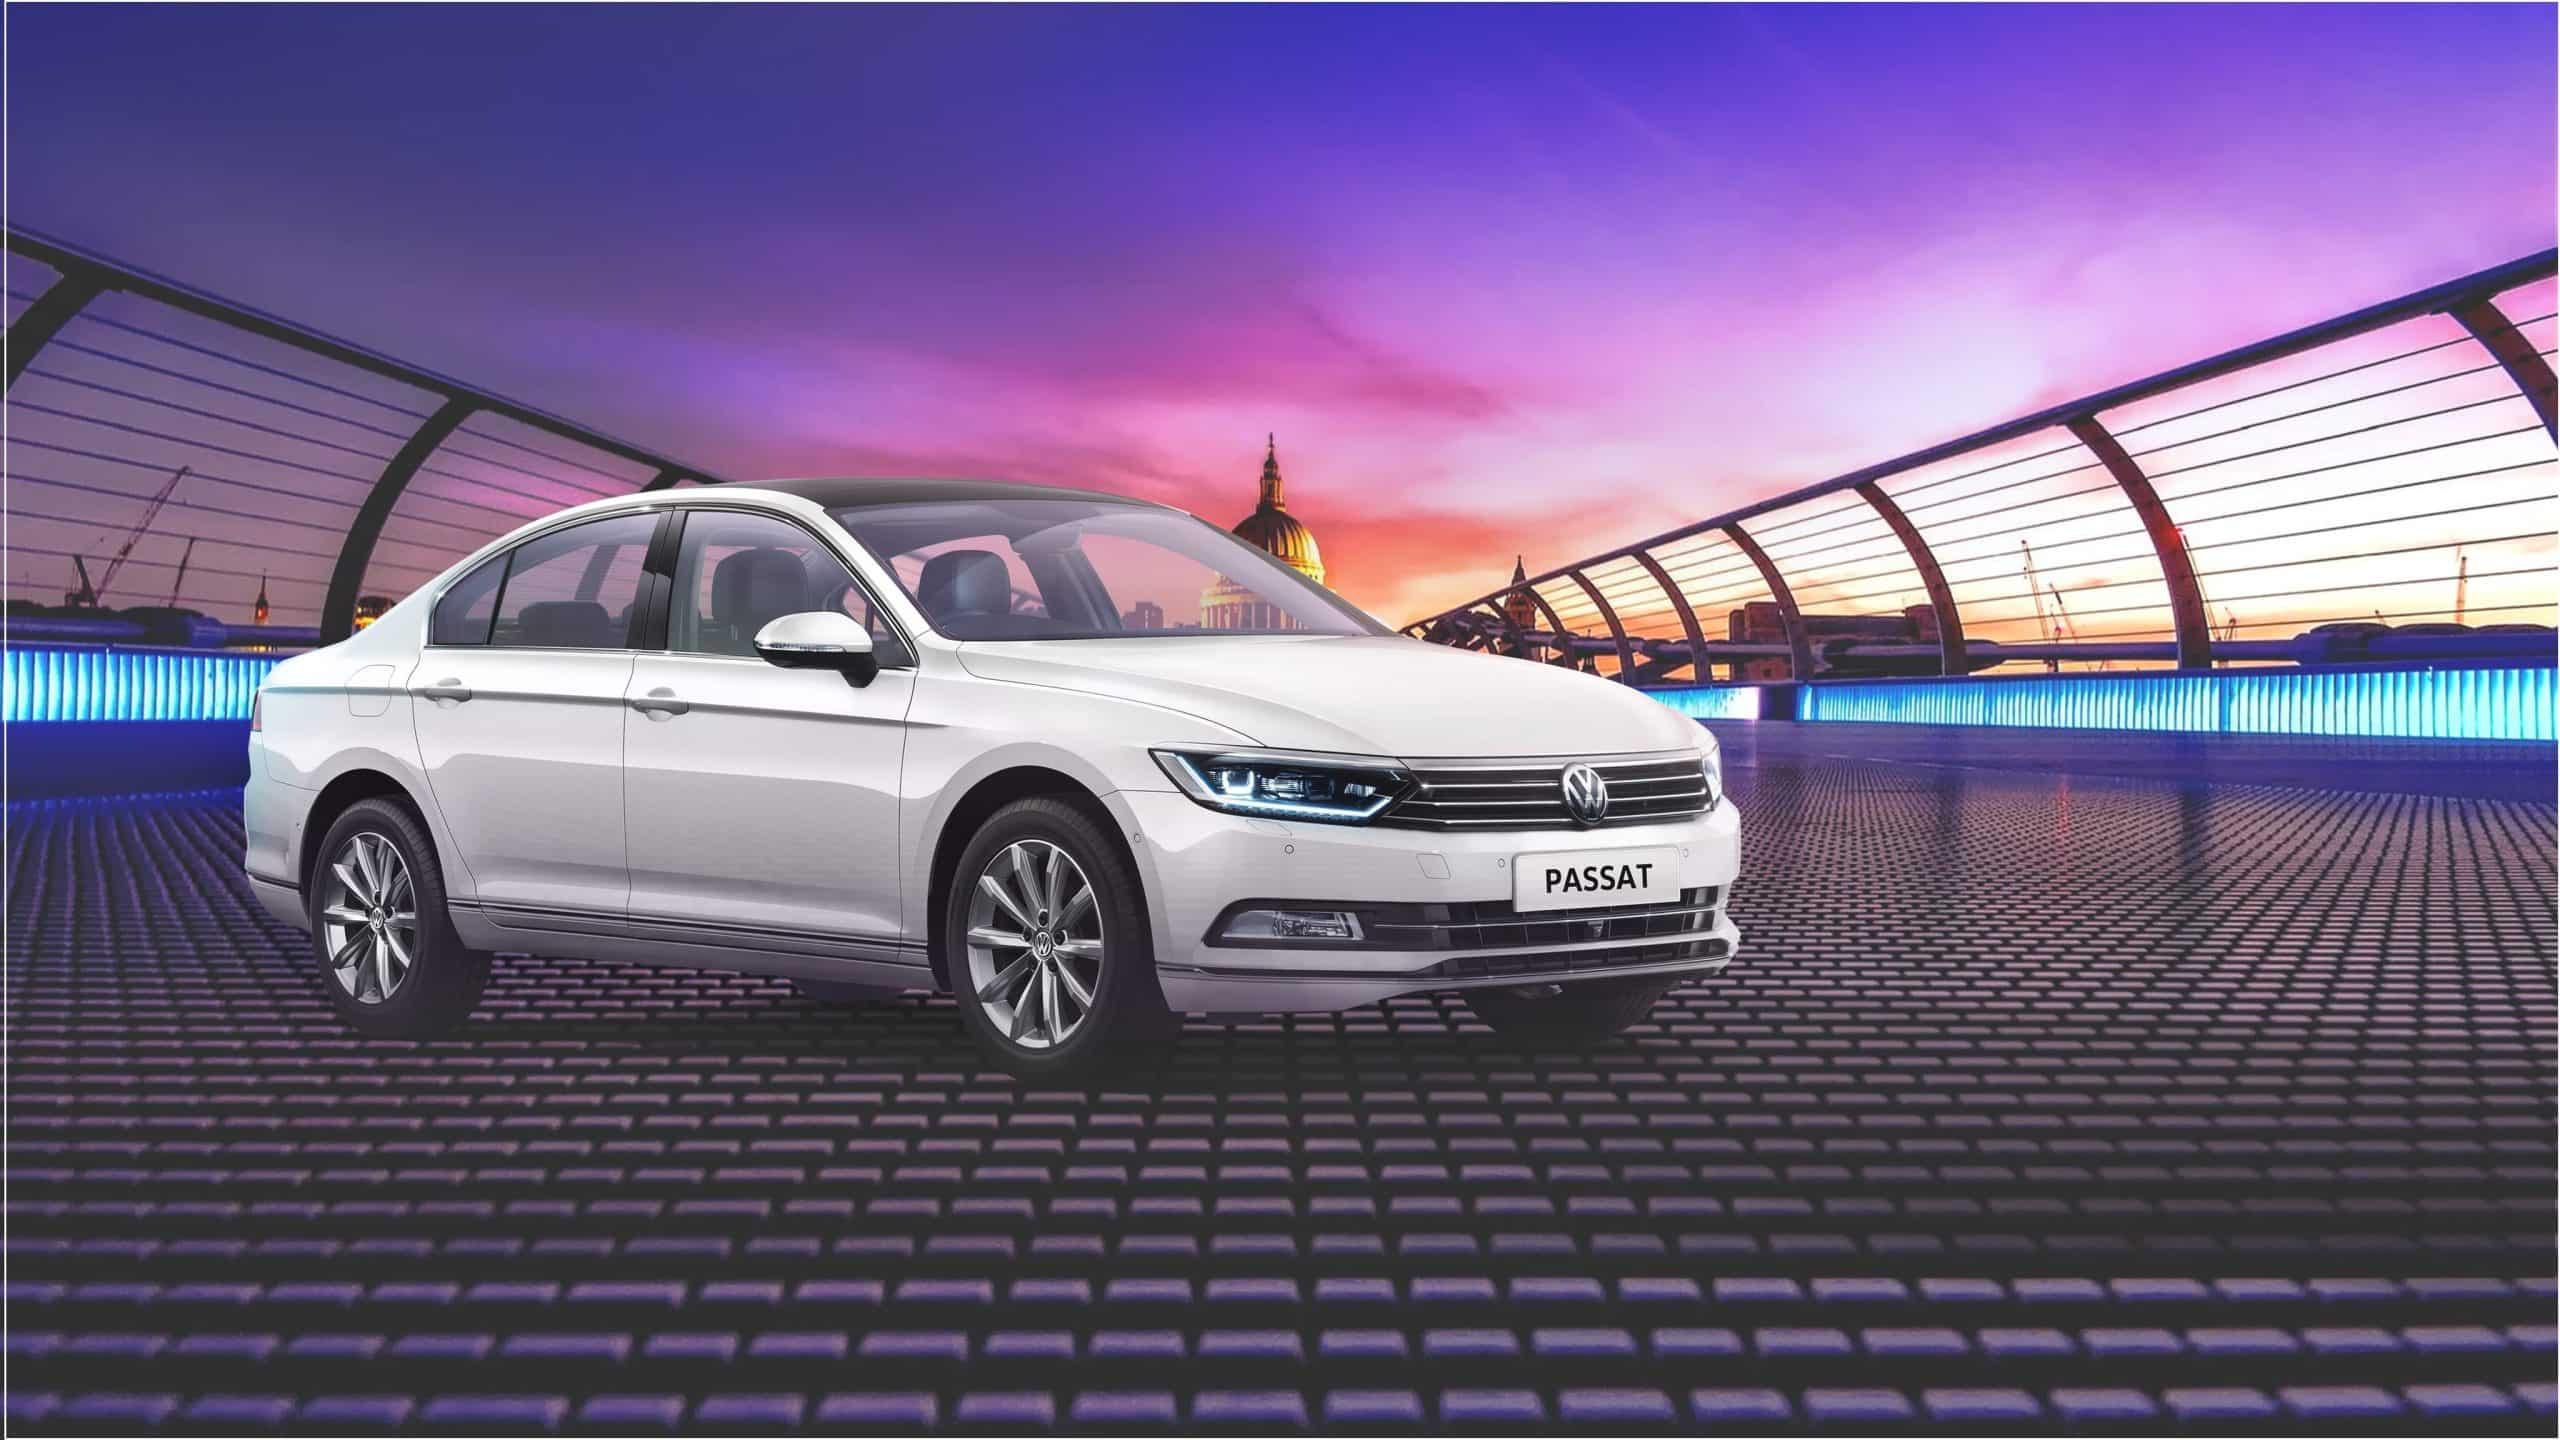 Volkswagen Passat Connect: Price